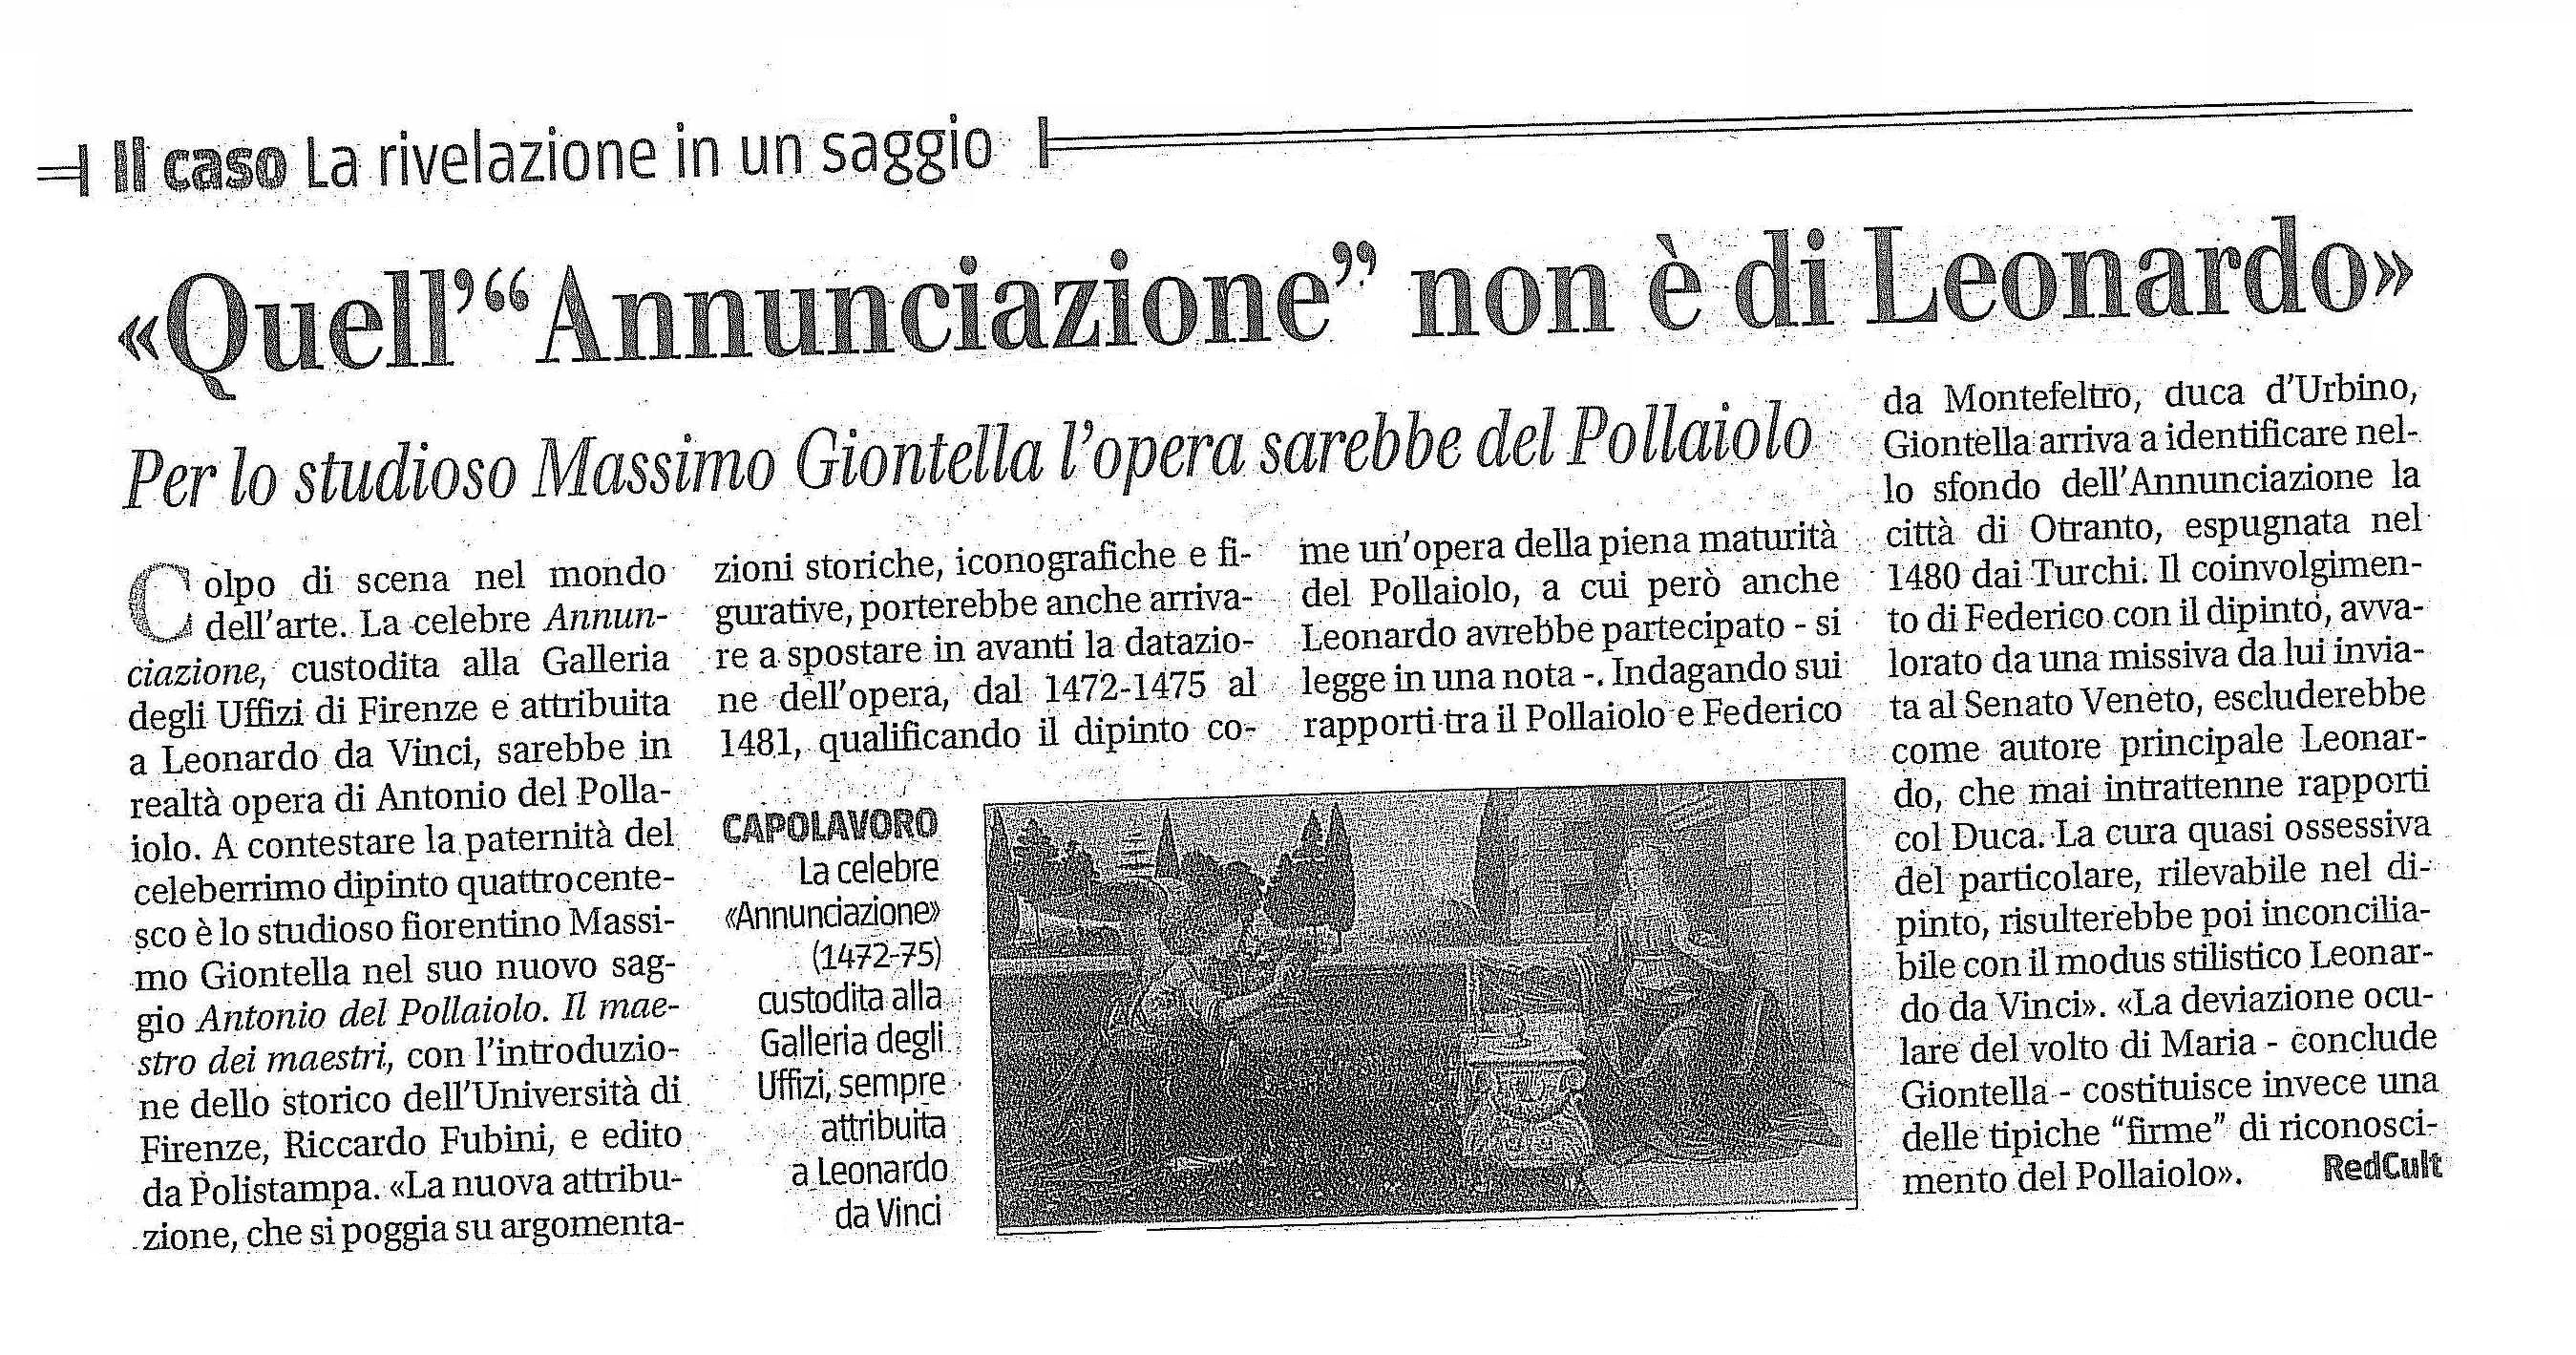 Quell'Annunciazione non è di Leonardo -Il Giornale 7-6-2016